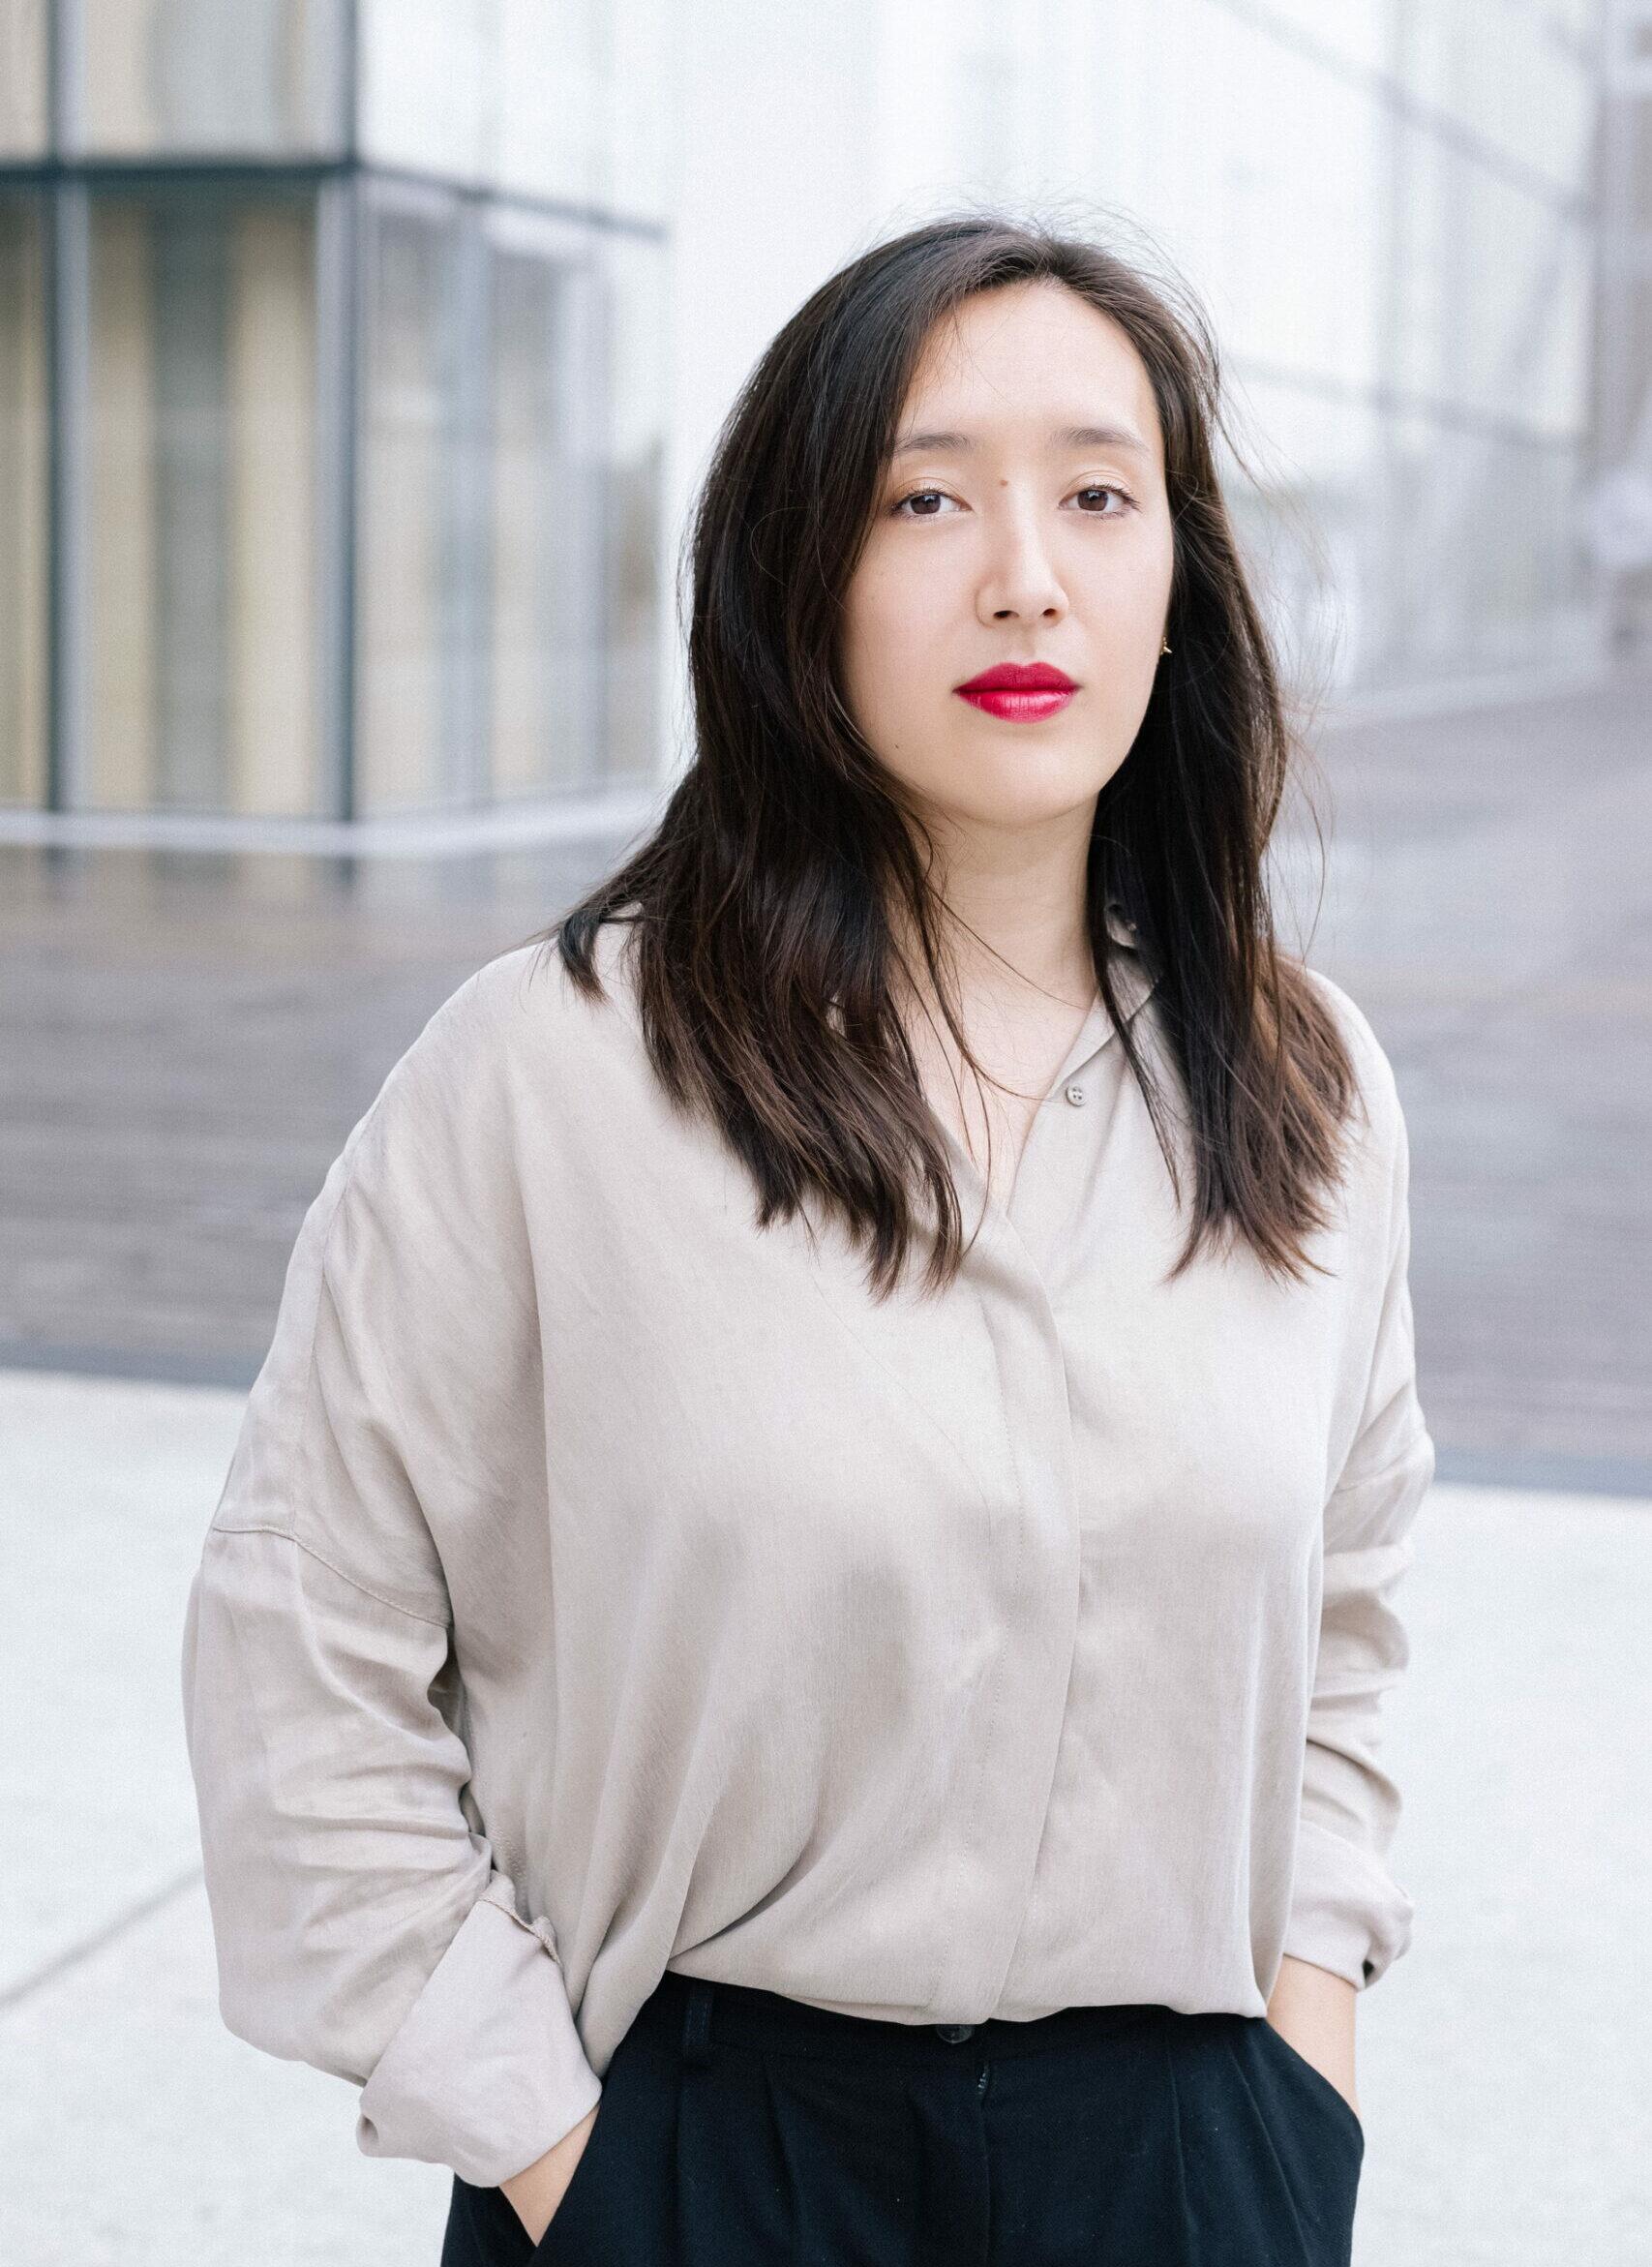 Interprète de conférence à Paris - français anglais - Ina Kang